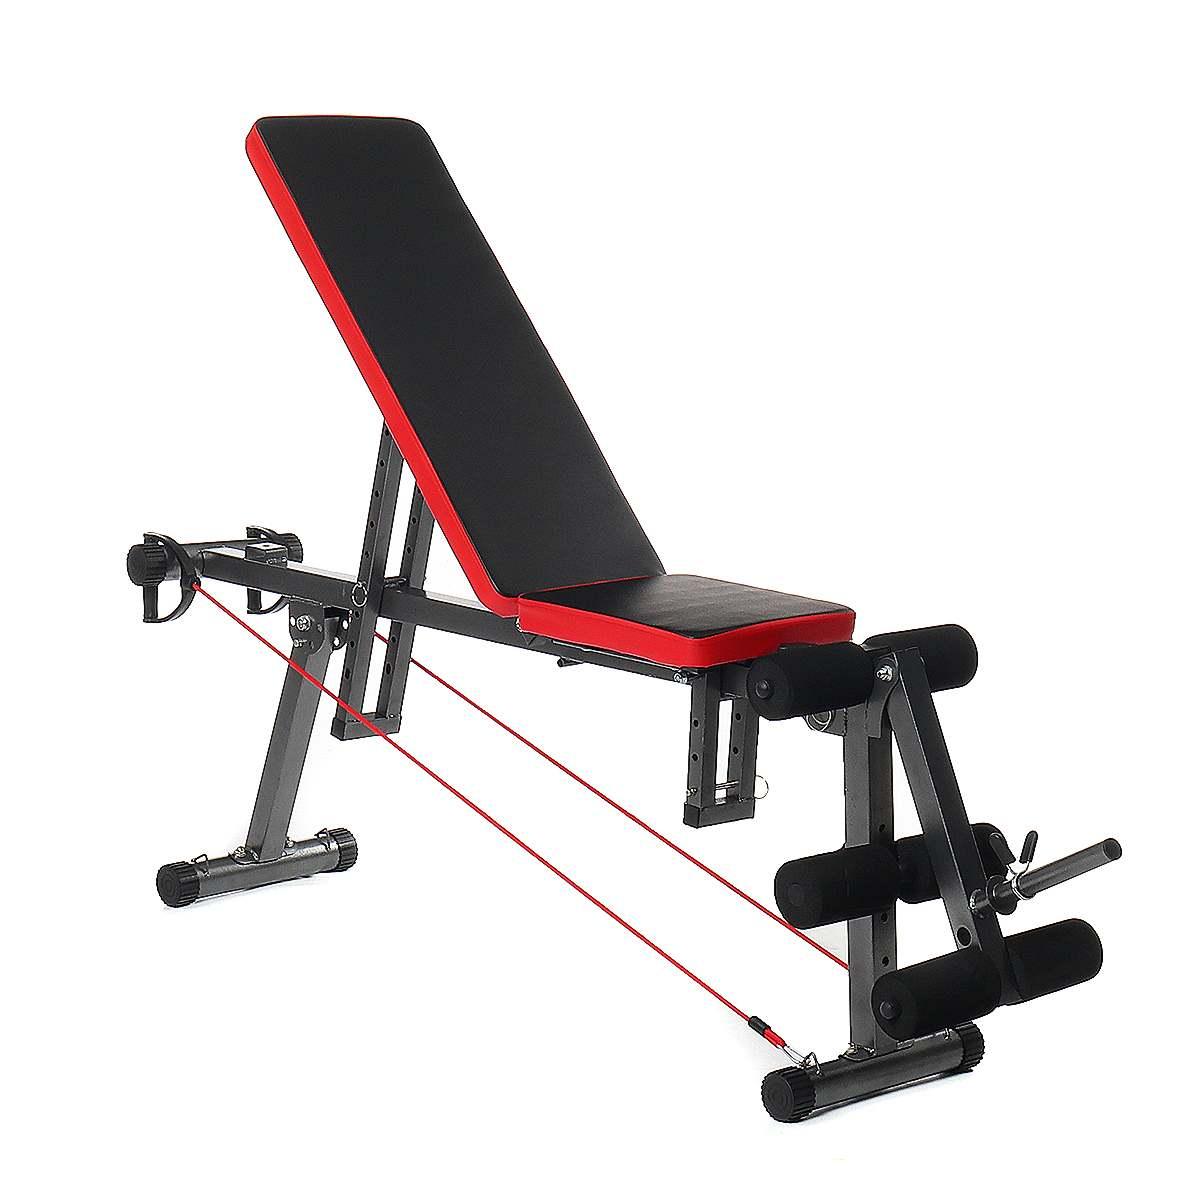 Banc d'entraînement de remise en forme en acier multifonctionnel Durable Stable et confortable